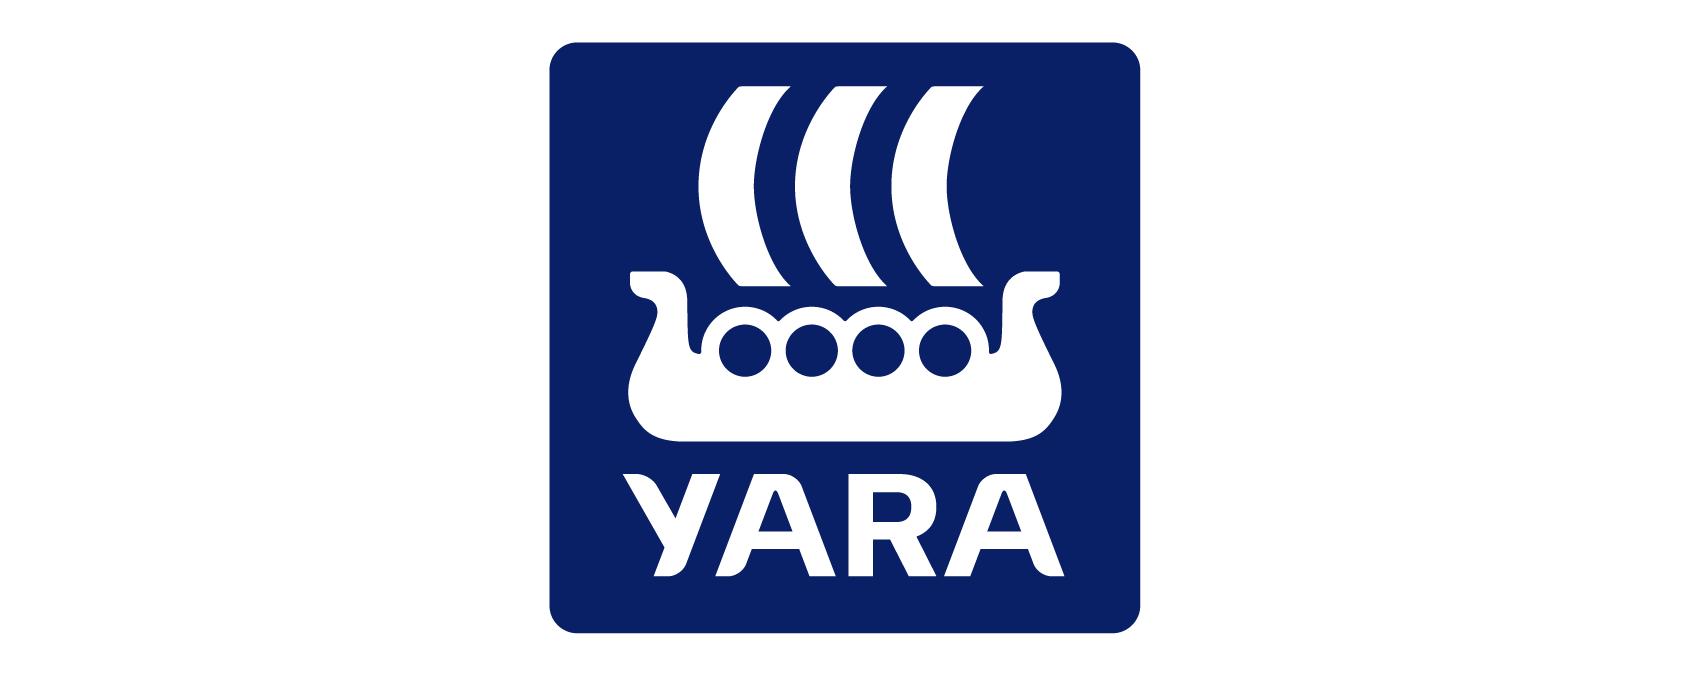 Yara. Logo.